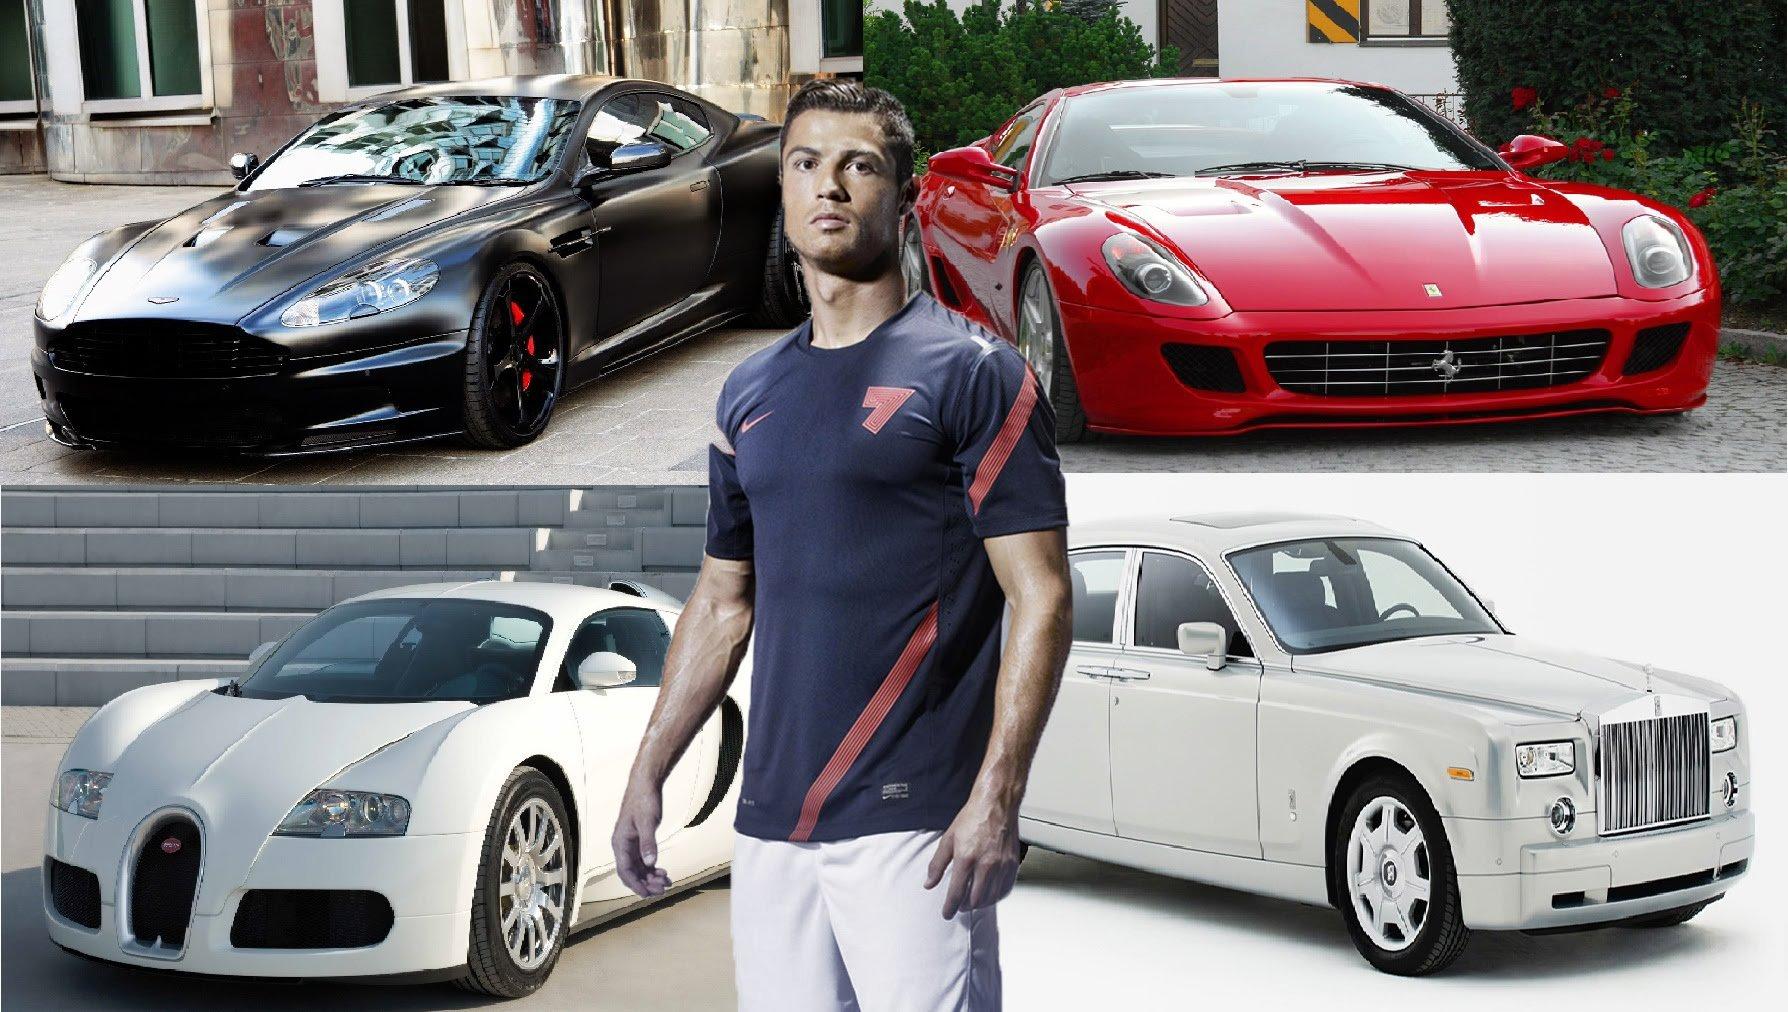 Cristiano Ronaldo'nun arabaları